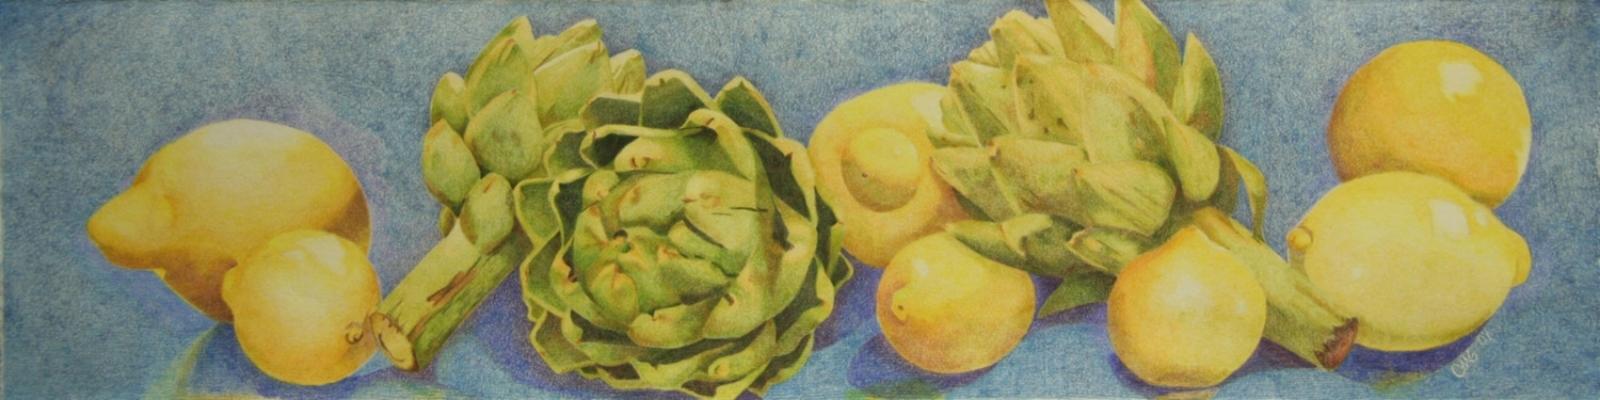 Lemons & Artichokes